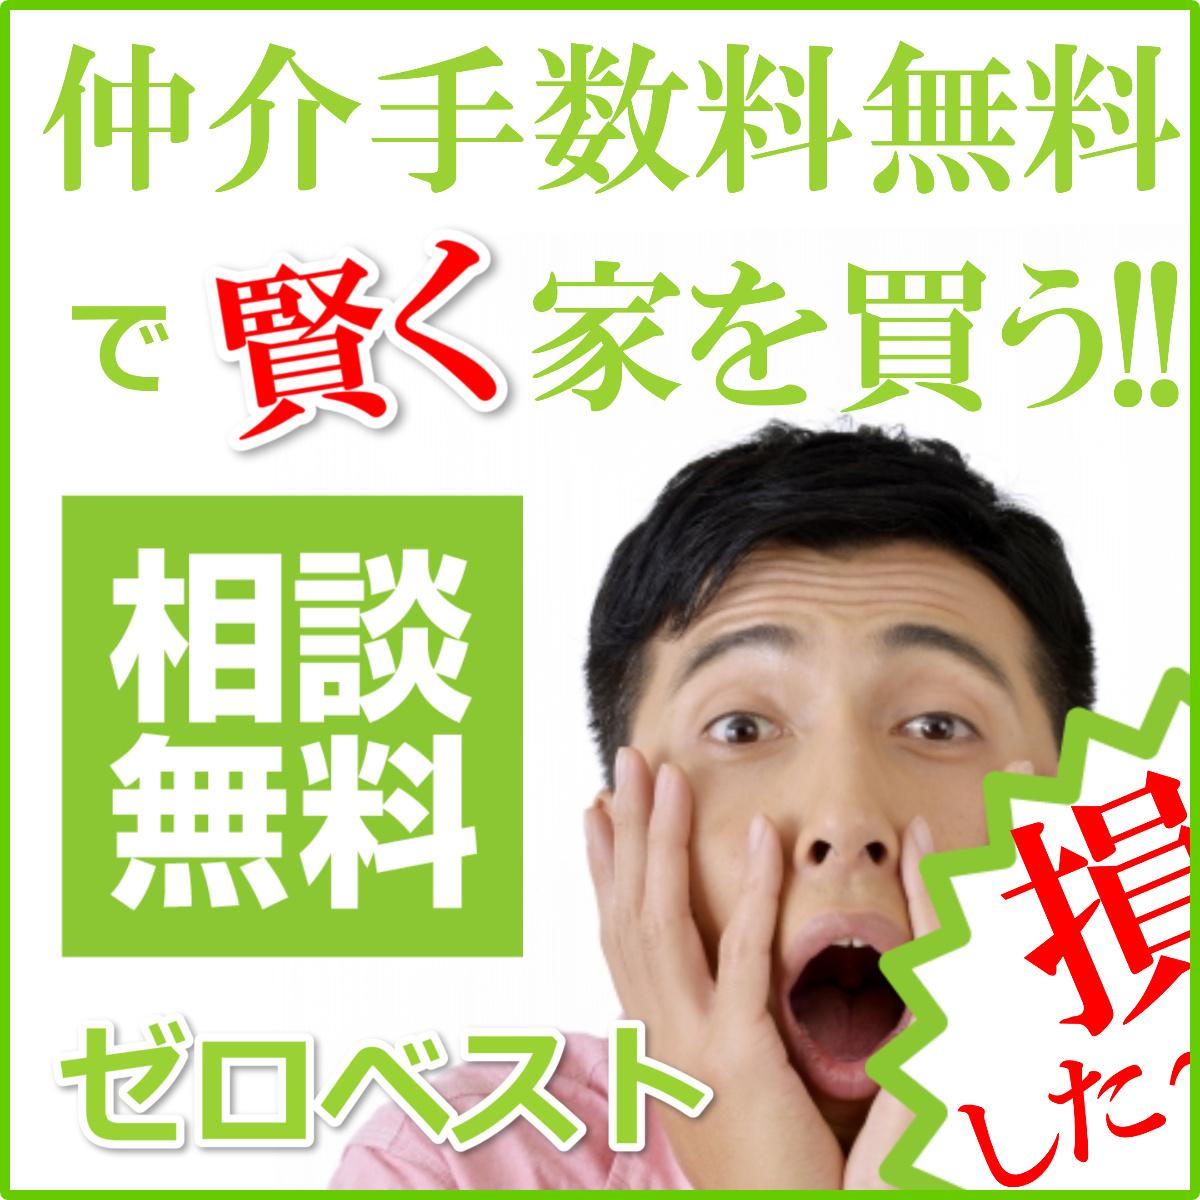 宝塚市で新築一戸建てを仲介手数料無料で買う